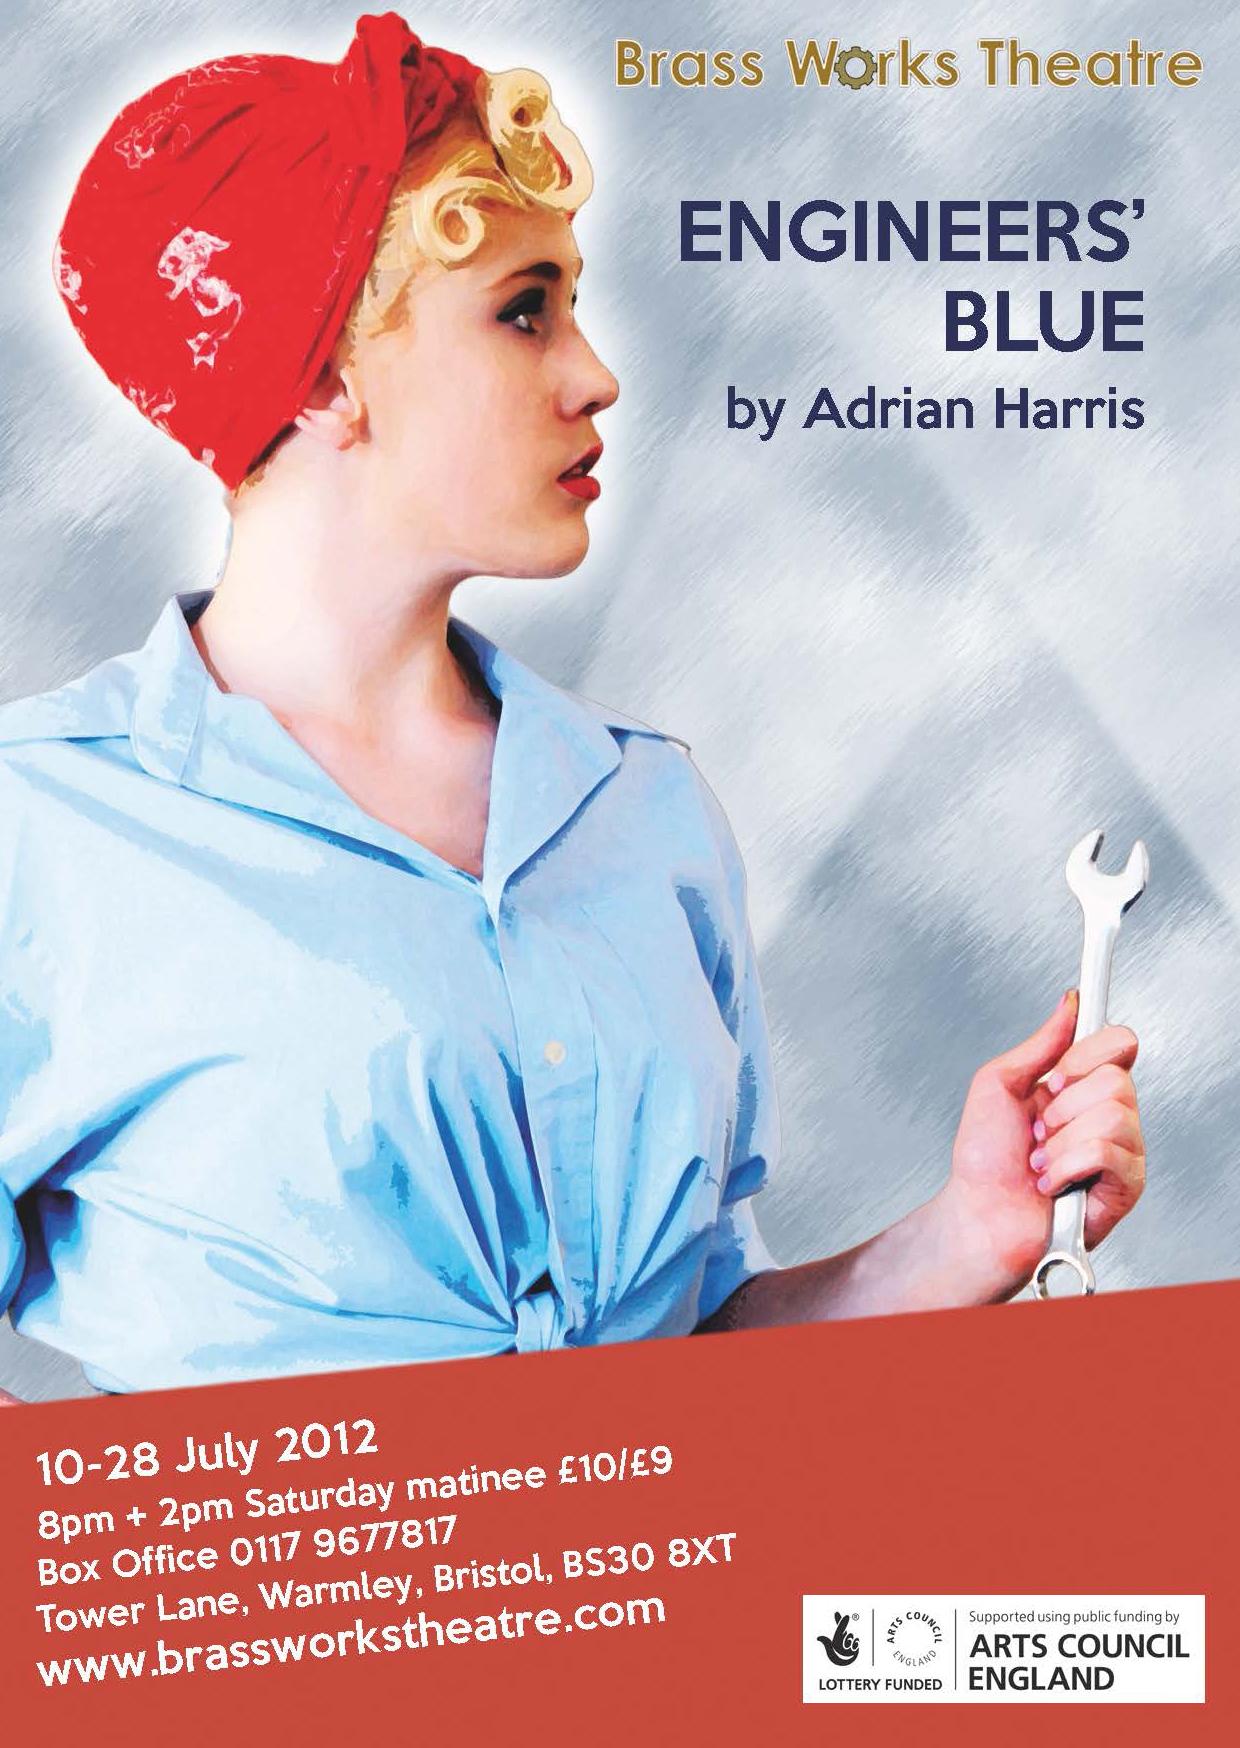 Engineers' Blue by Adrian Harris